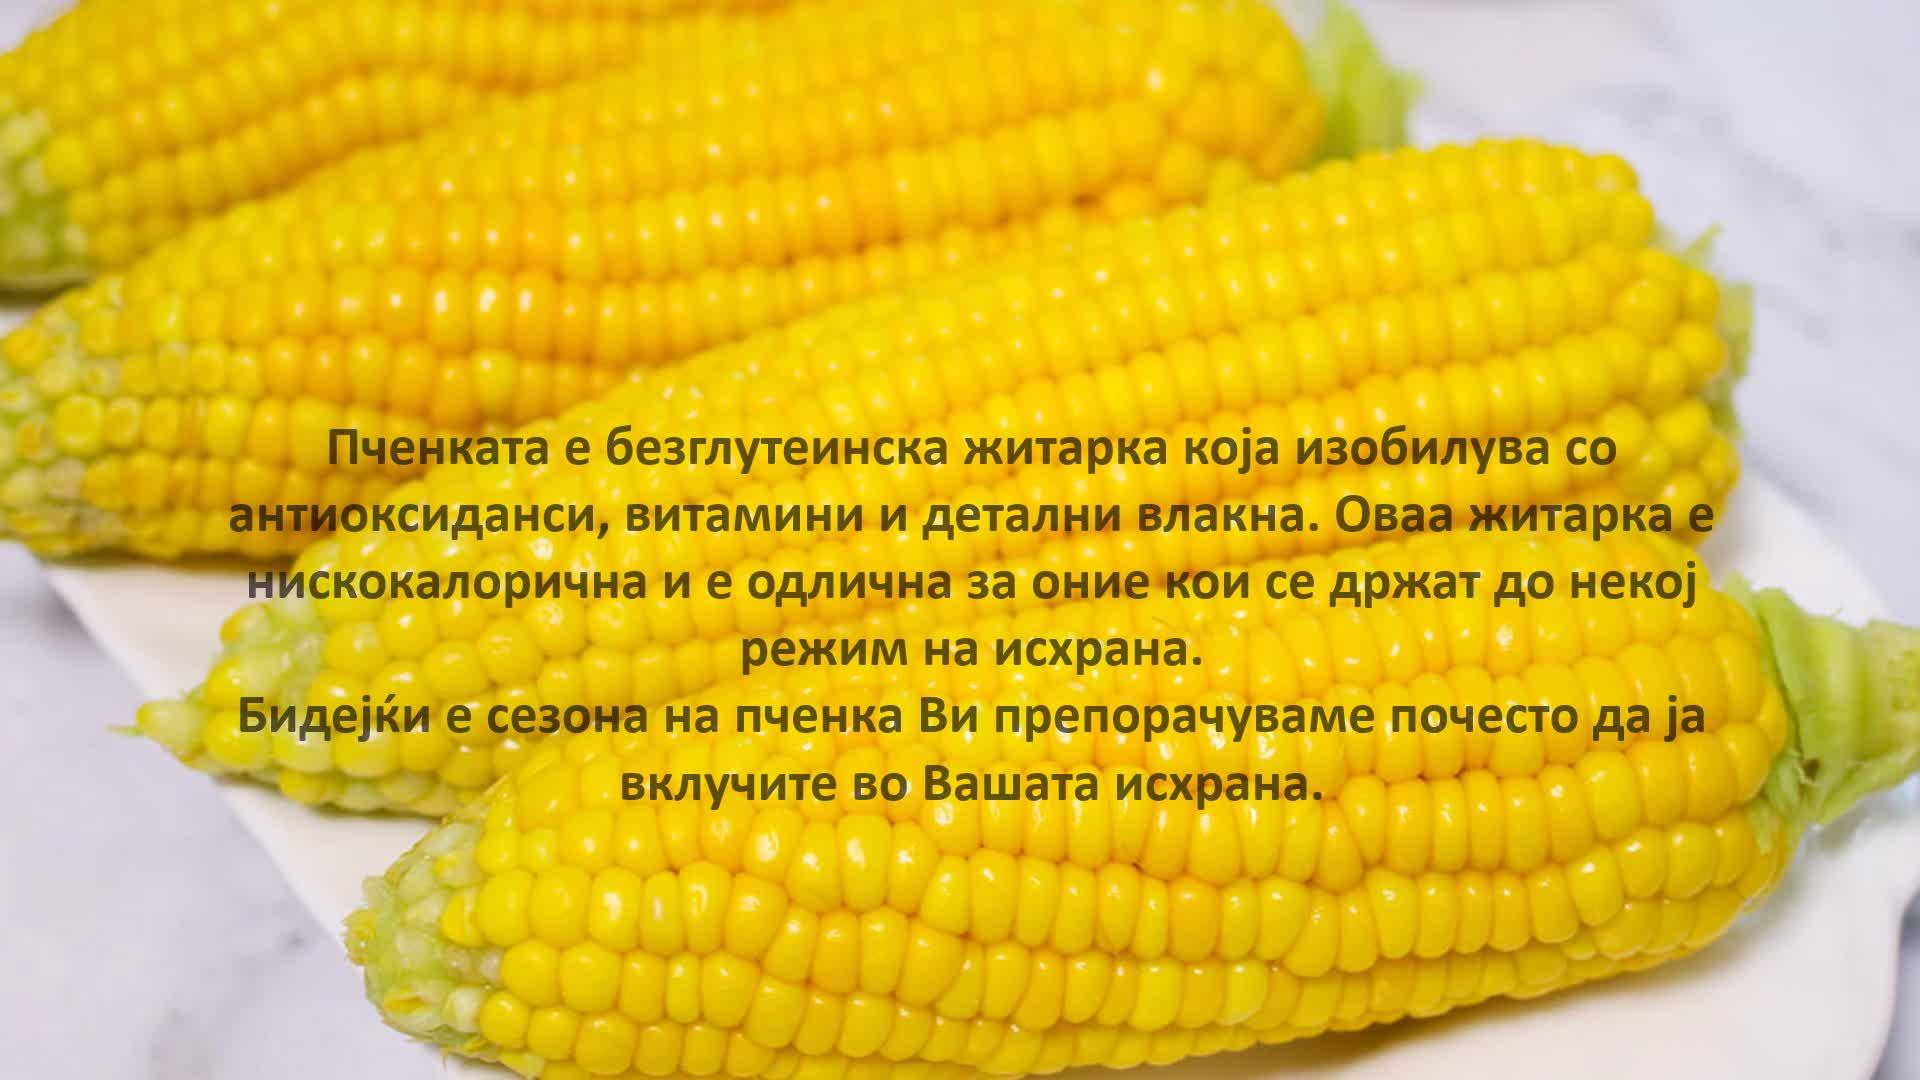 Зошто да јадете варена пченка